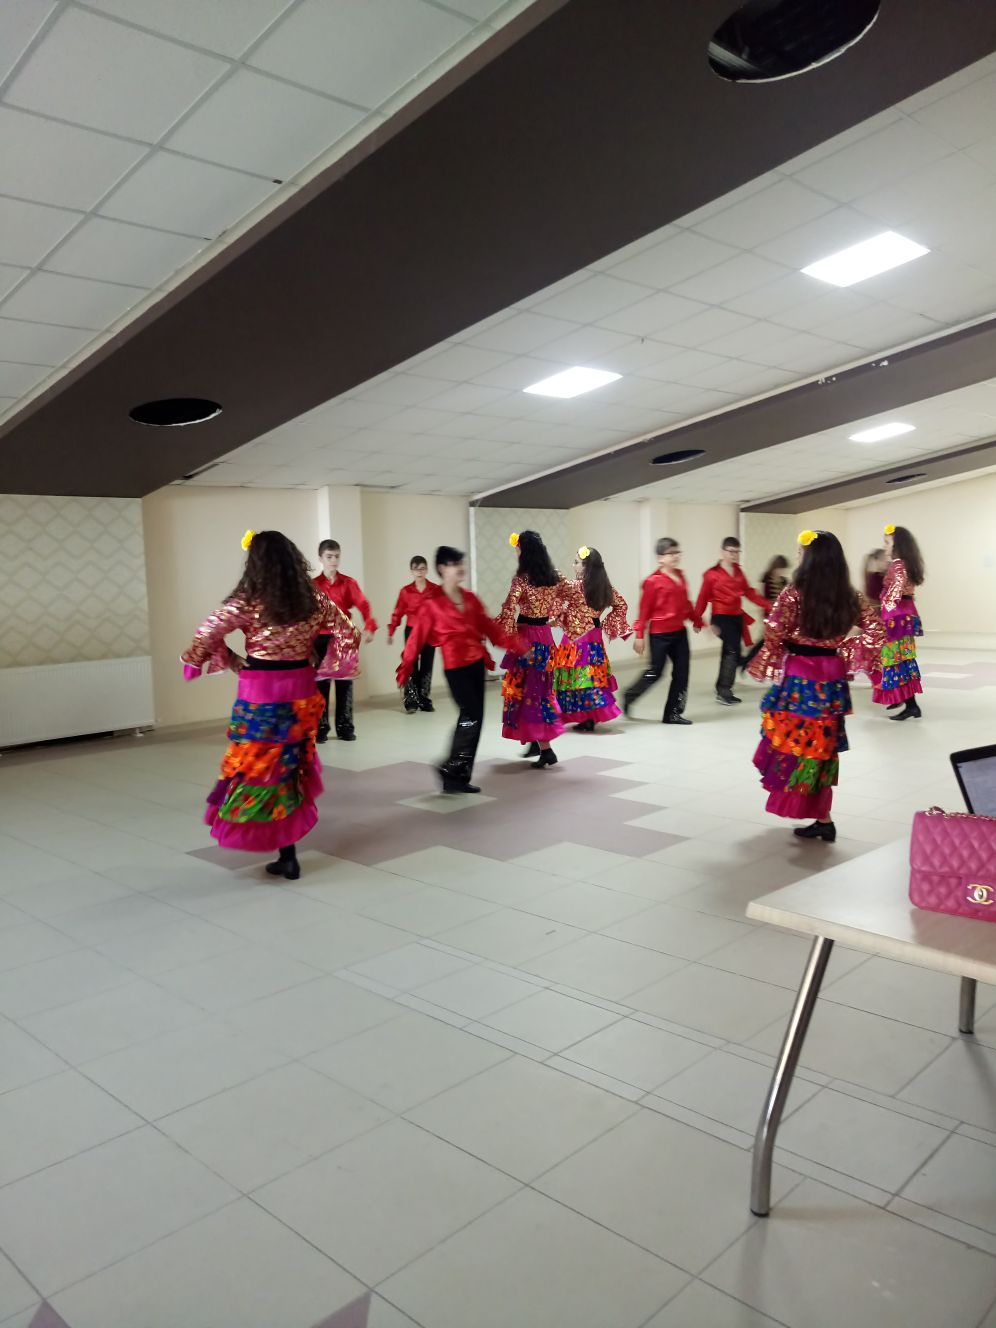 Neşe Evimizin Konferans Salonunda Folklor Ekibinin Gösterisi